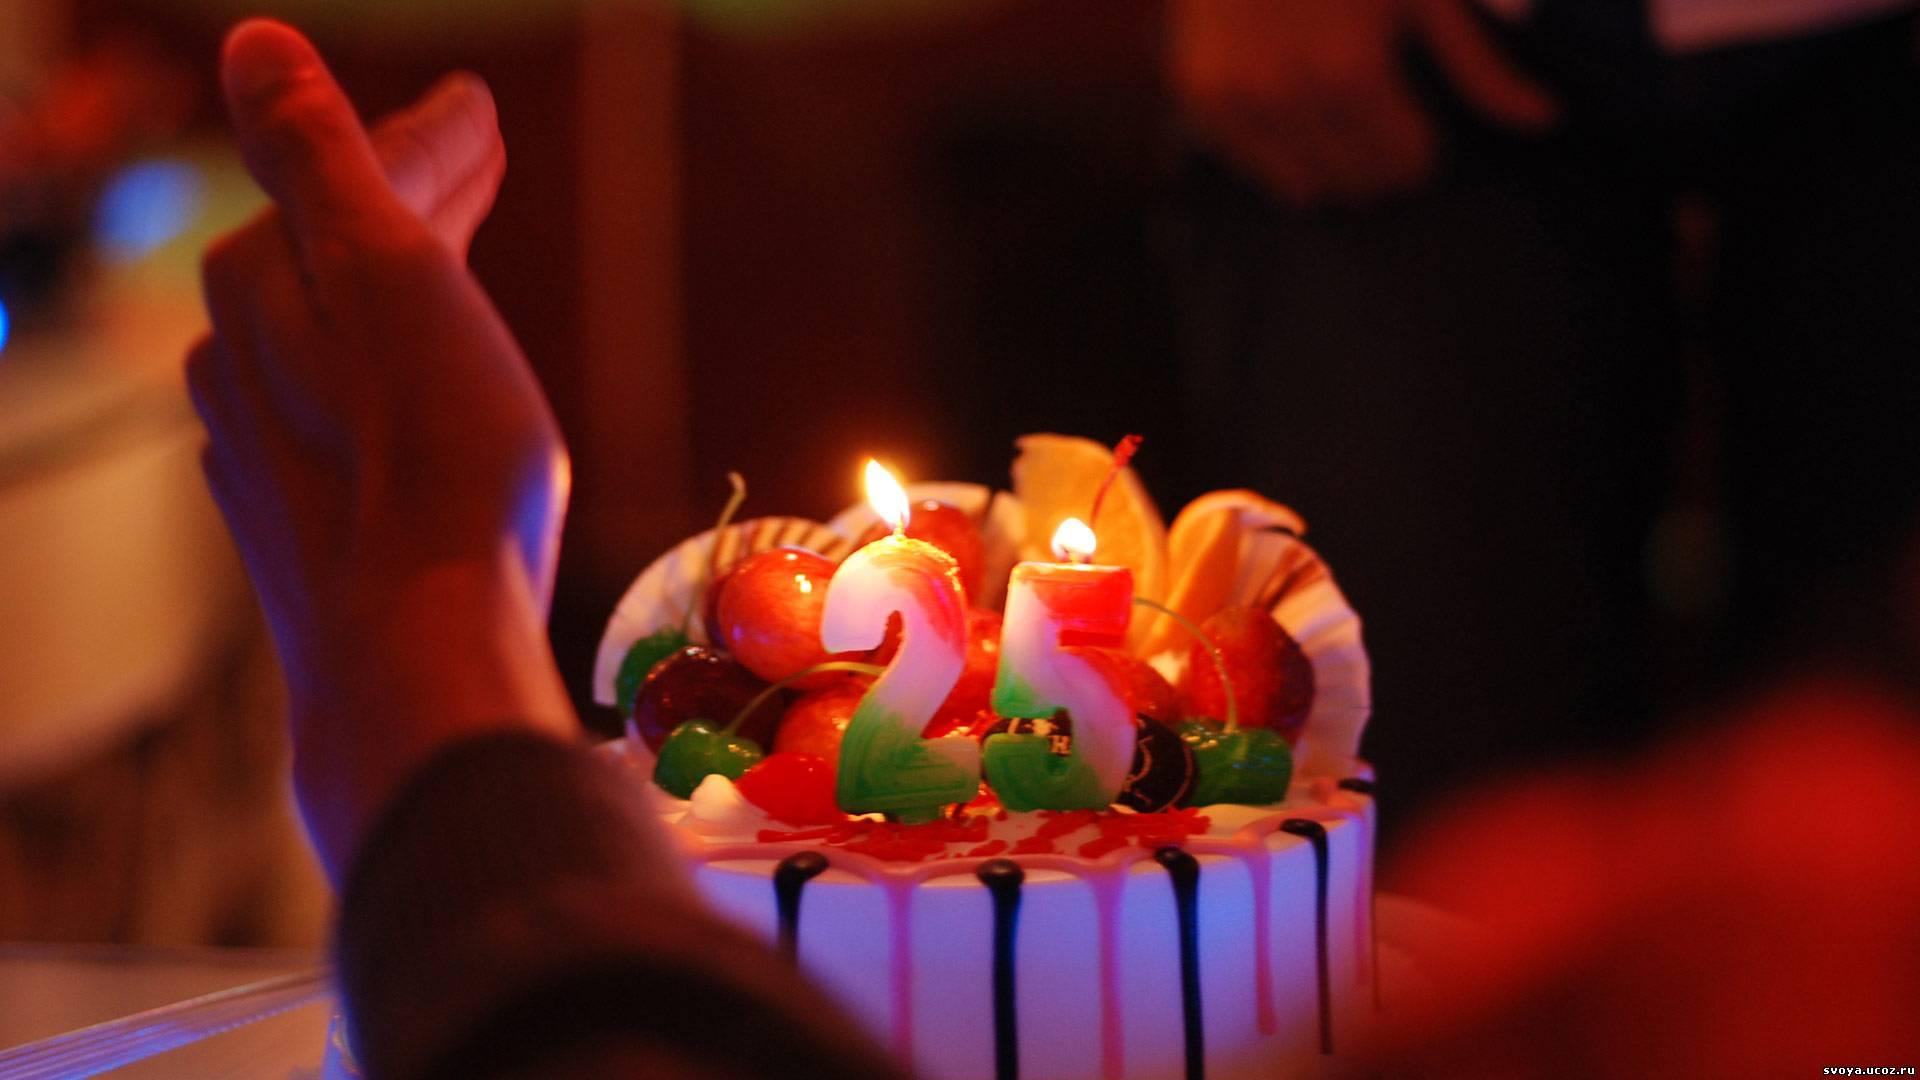 Поздравления подруге на день рождения 24 года7